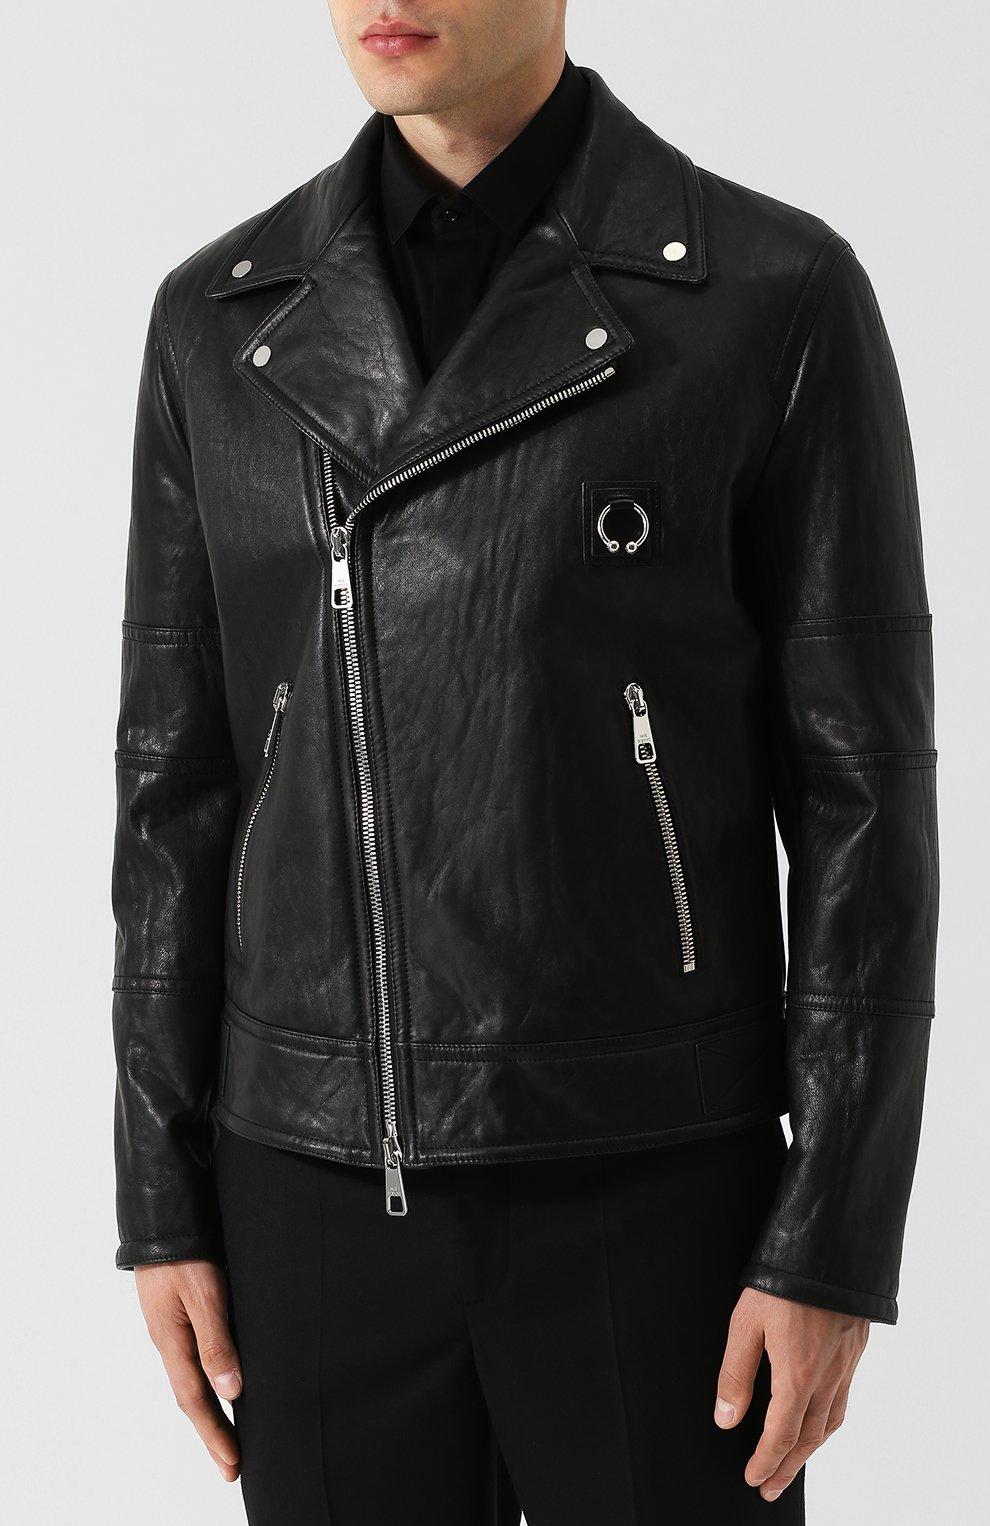 Мужские куртки Heron Preston купить в интернет-магазине ЦУМ - товар  распродан 4333c119bf21a